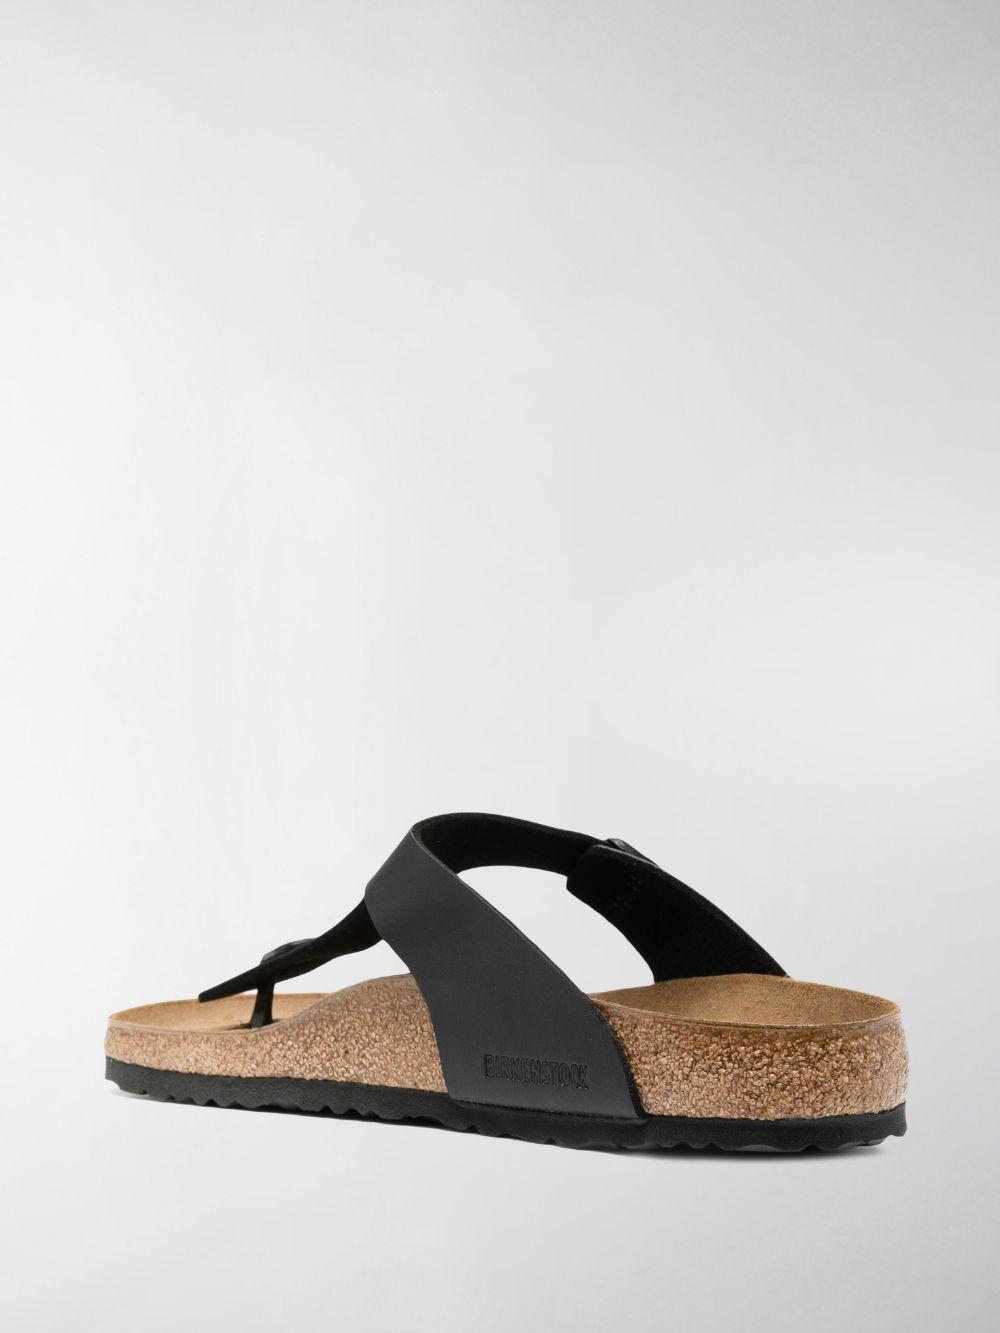 Birkenstock gizeh sandals unisex BIRKENSTOCK | Sandals | 043691BLACK